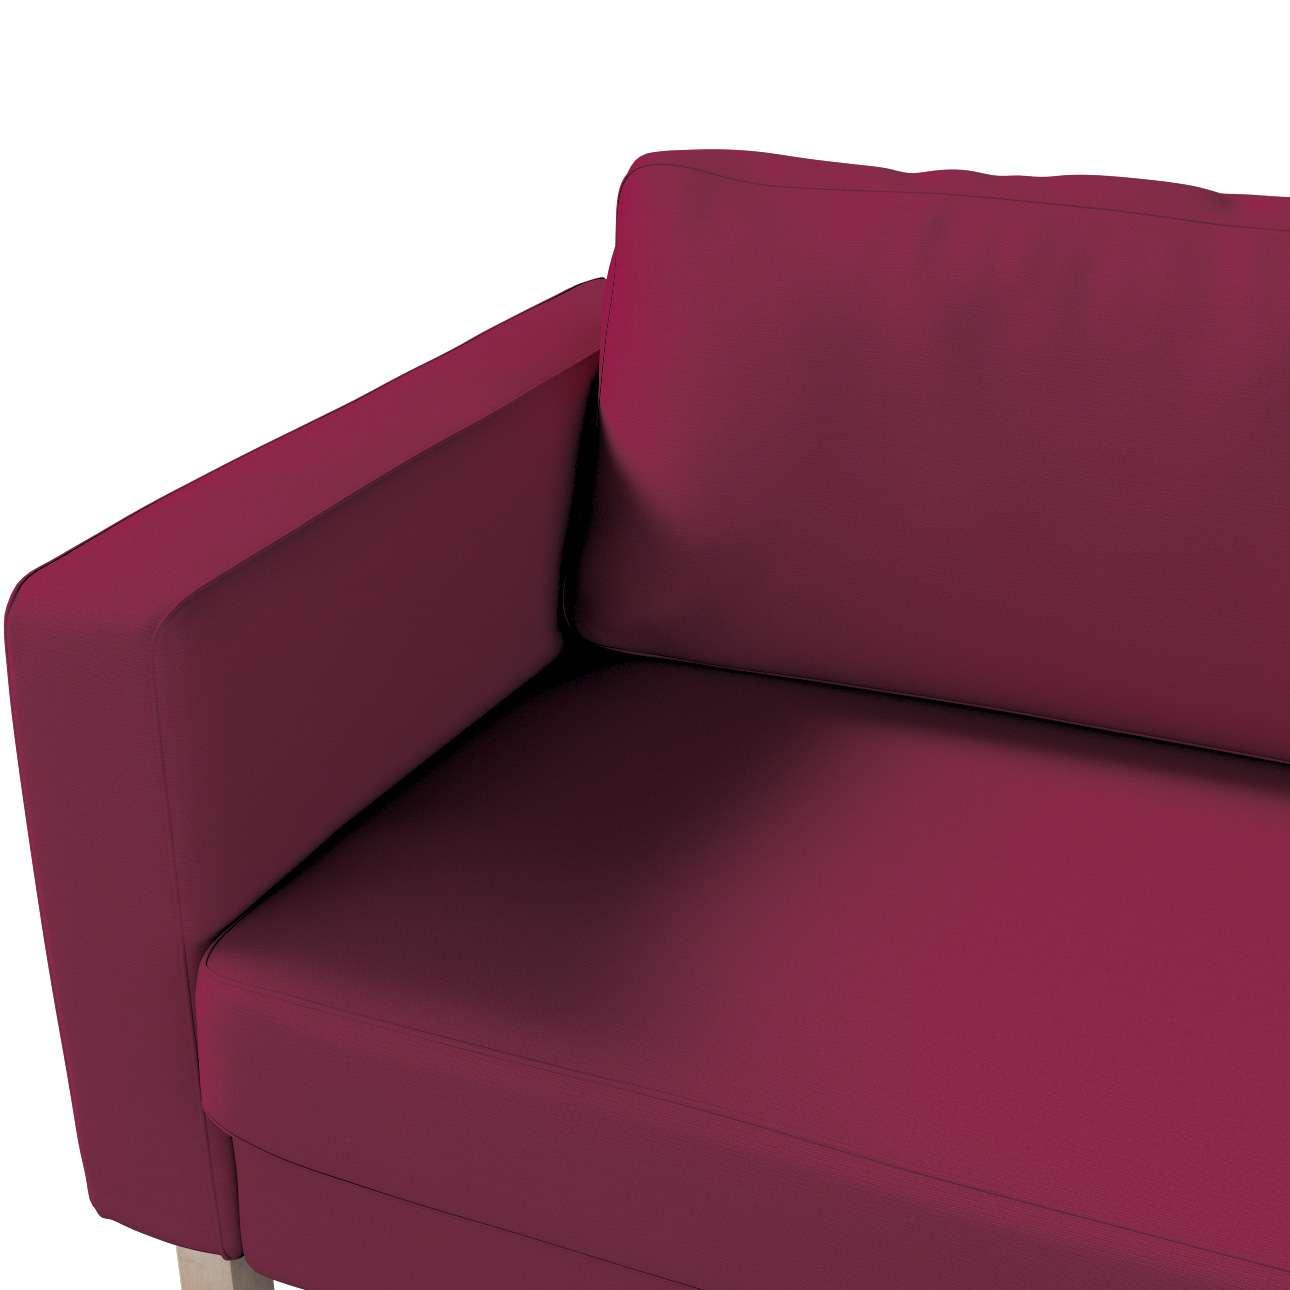 Pokrowiec na sofę Karlstad 3-osobową nierozkładaną, krótki w kolekcji Cotton Panama, tkanina: 702-32